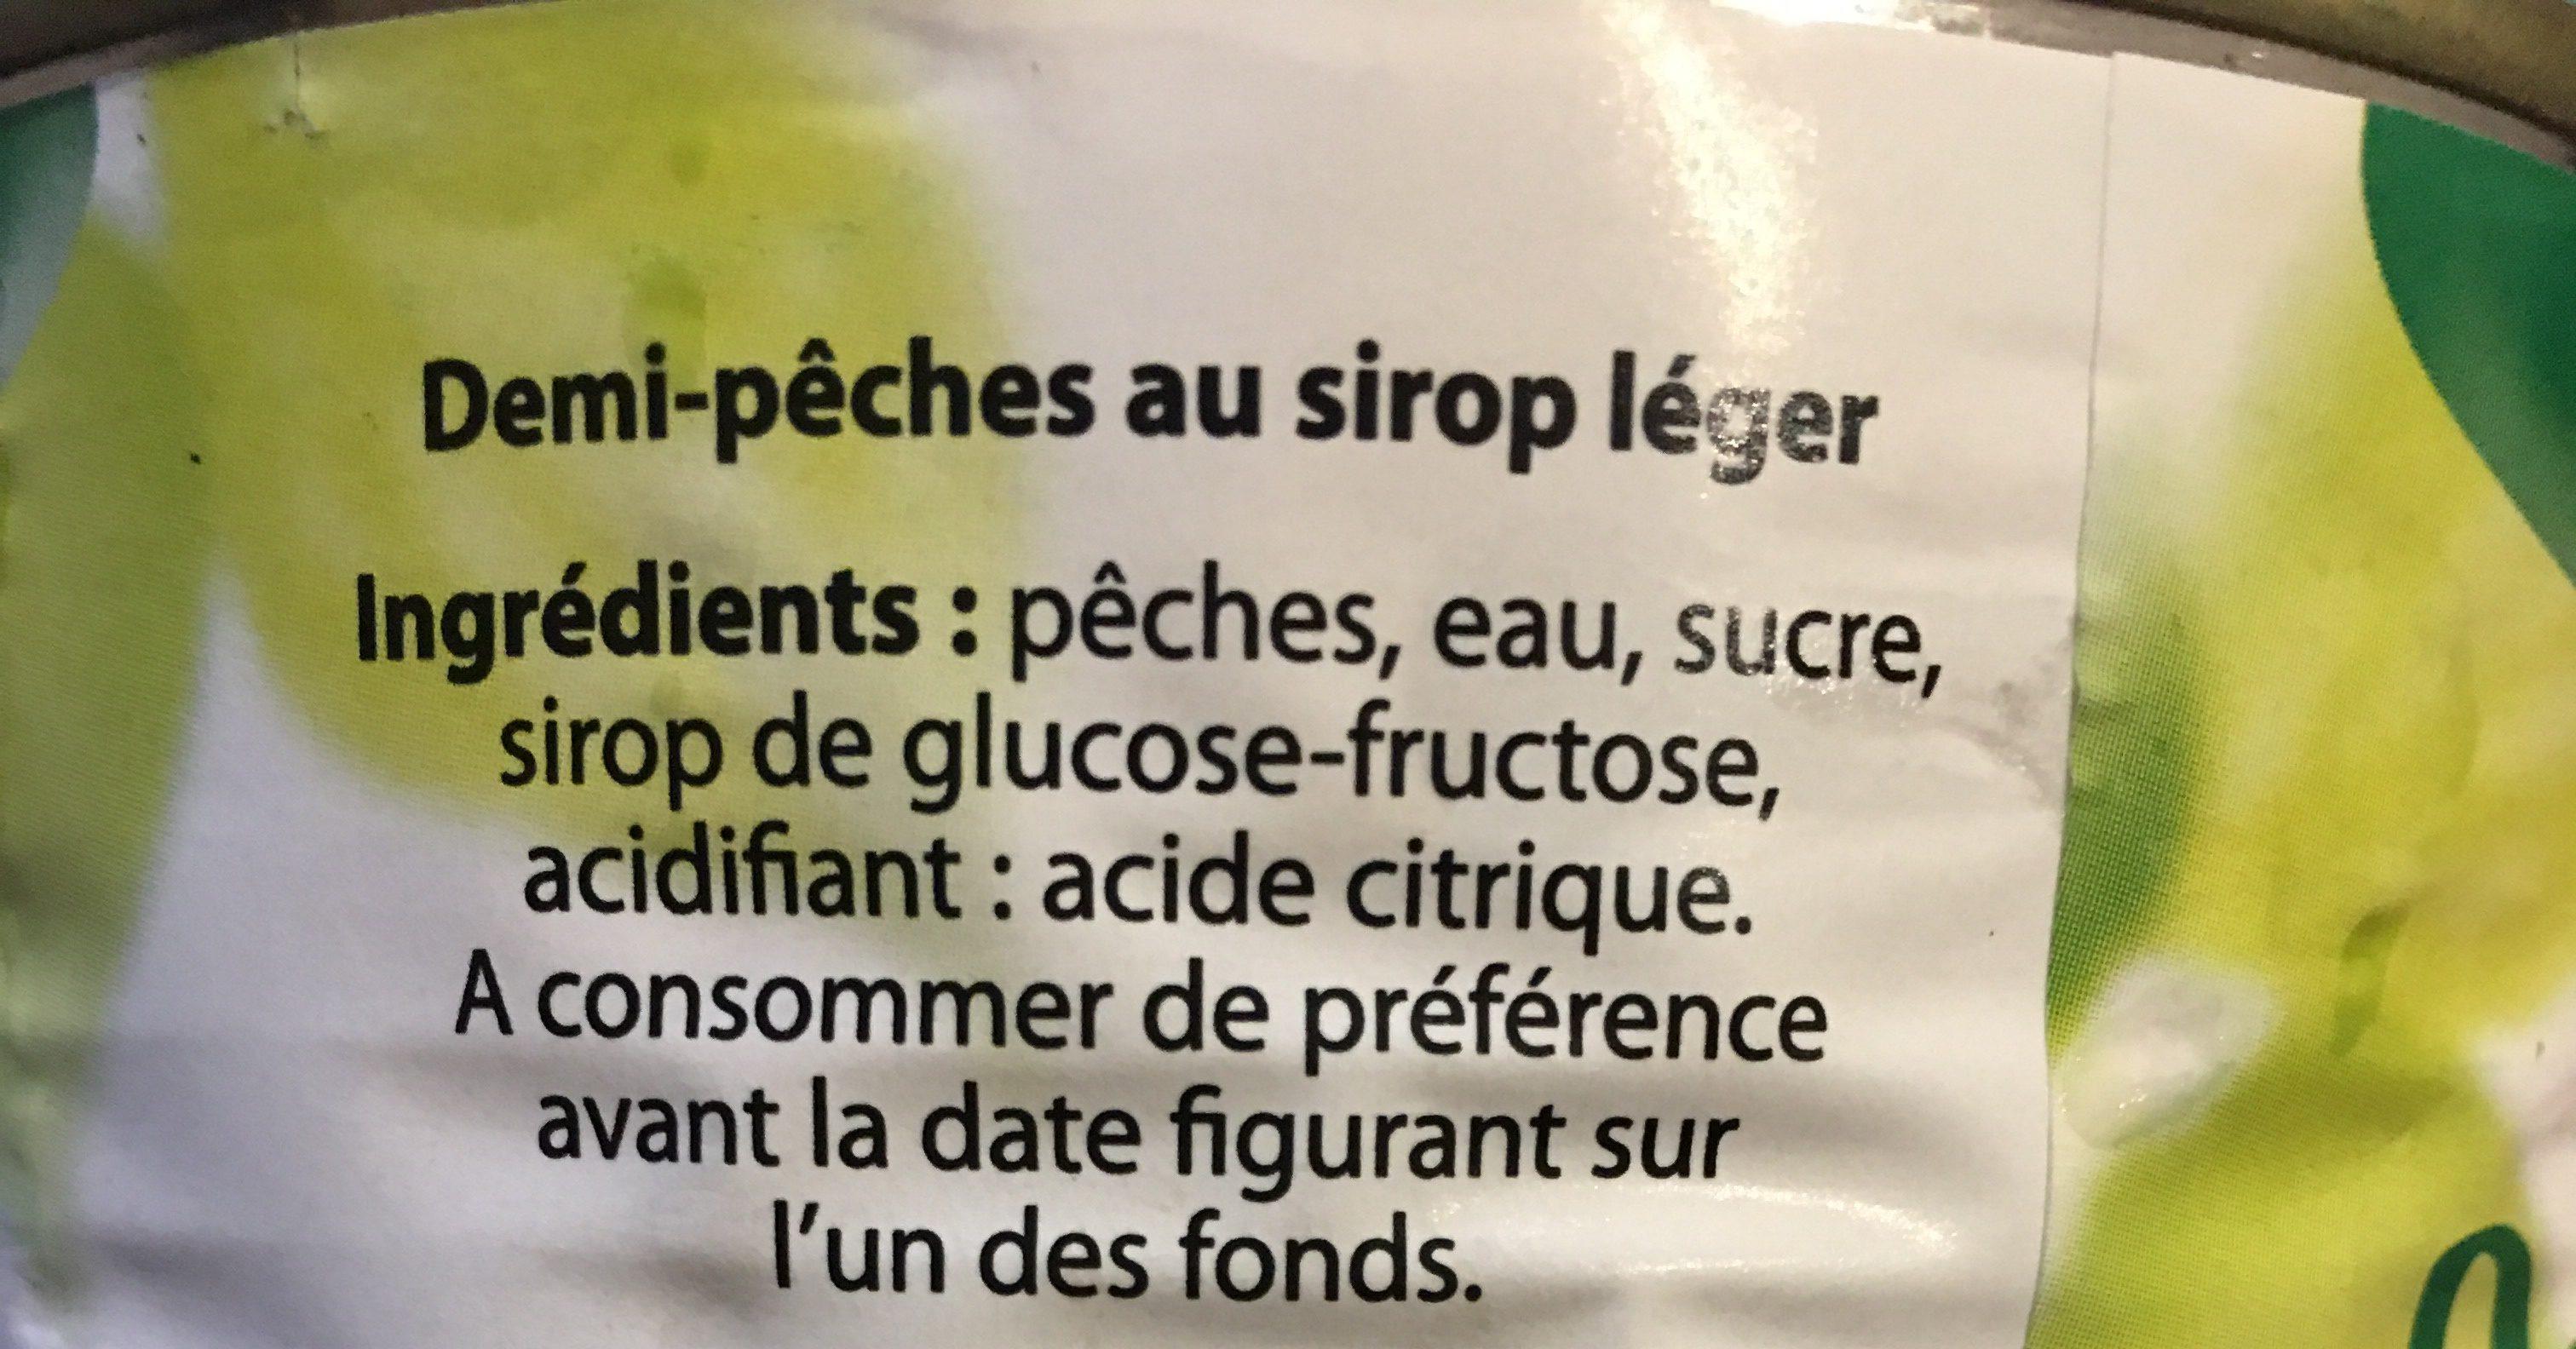 Pêches (Solides et Liquides, Sirop Très Léger, en Conserve) - Ingrédients